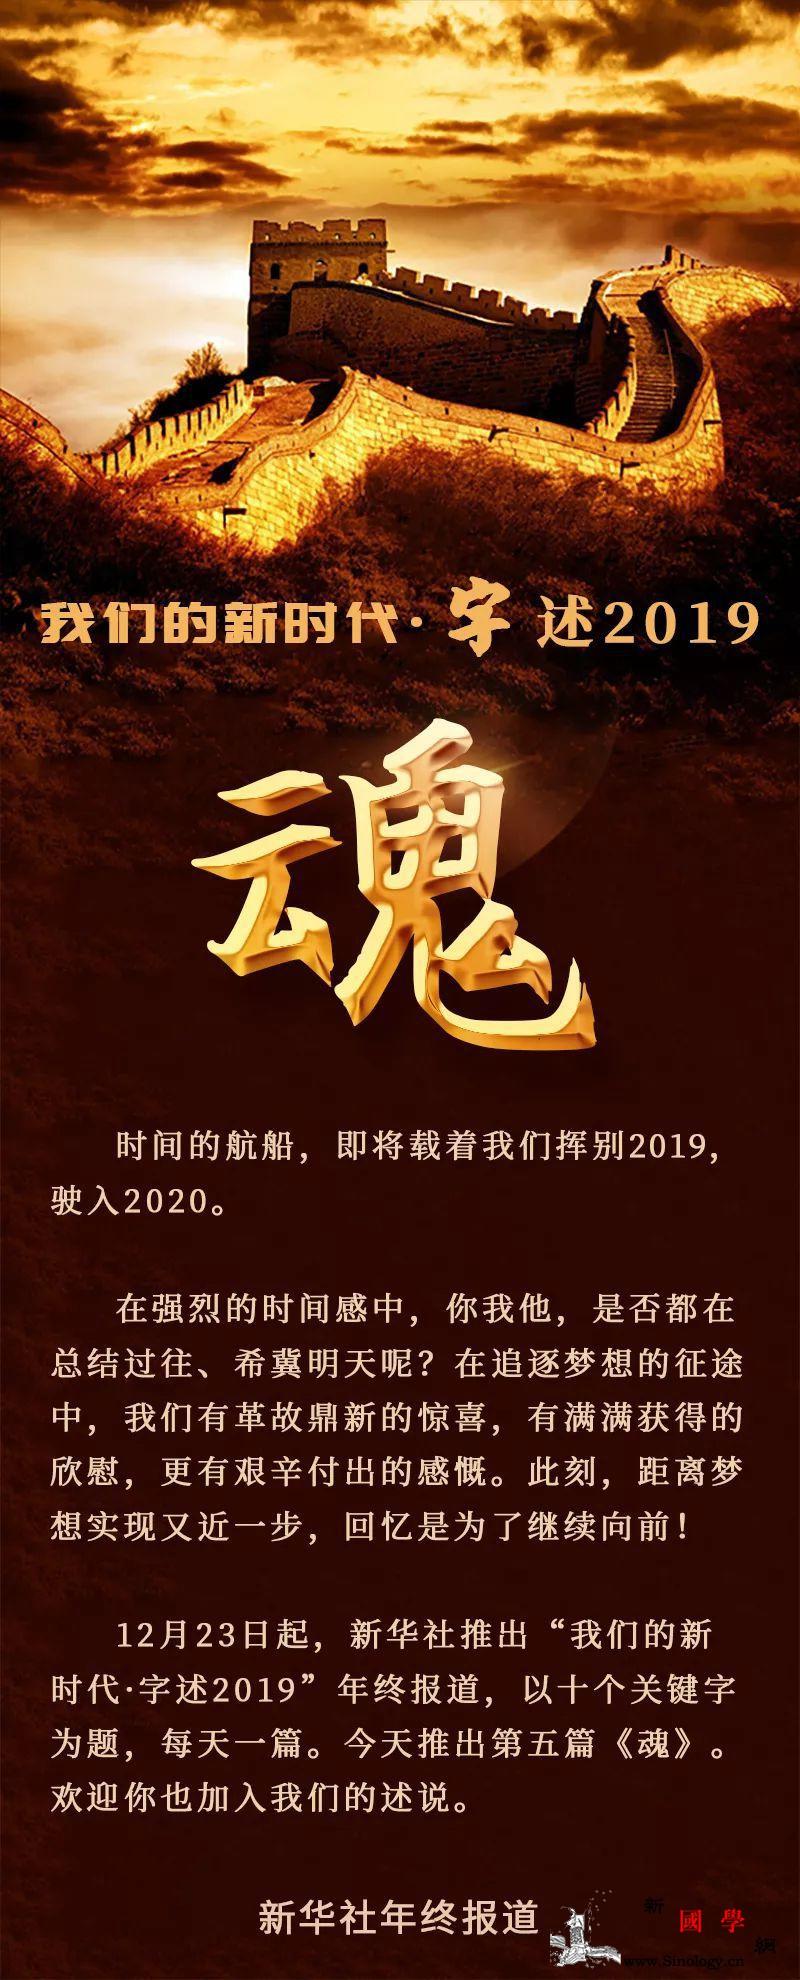 我们的新时代·字述2019丨魂_夕阳红-画中画-灯塔-